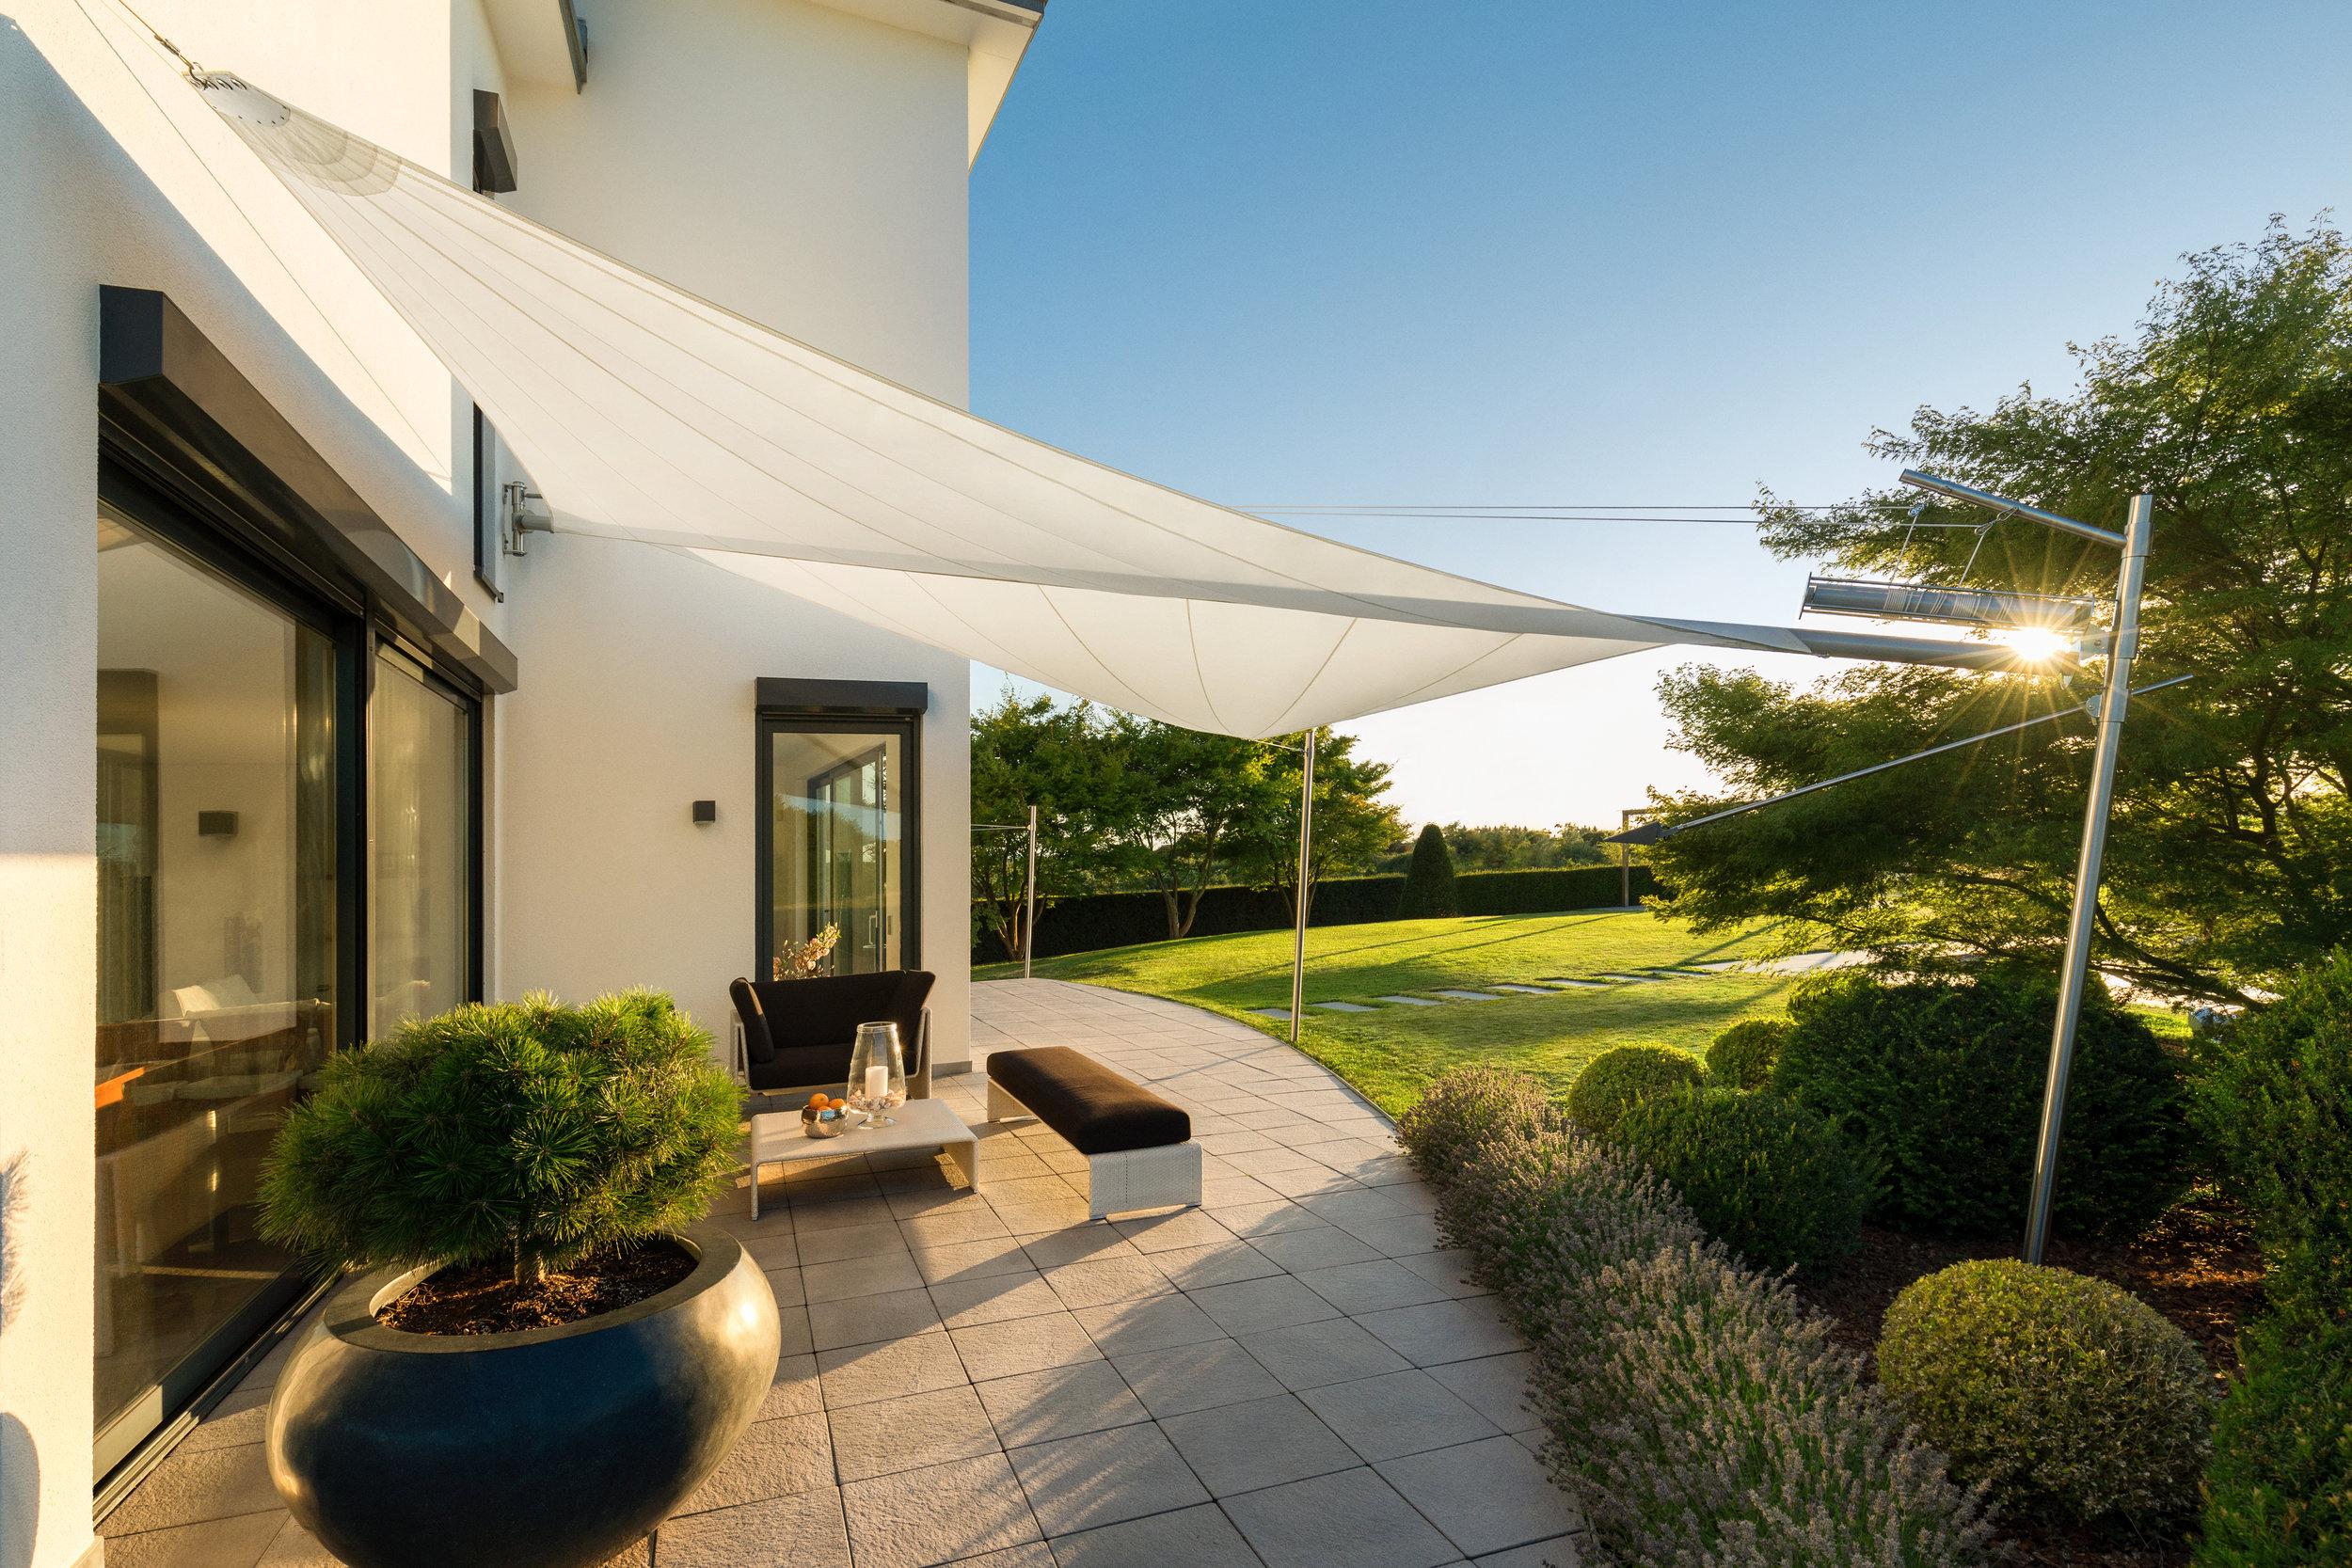 Sonnensegel für Hotel am Gebäude montiert_rewalux GmbH.jpg